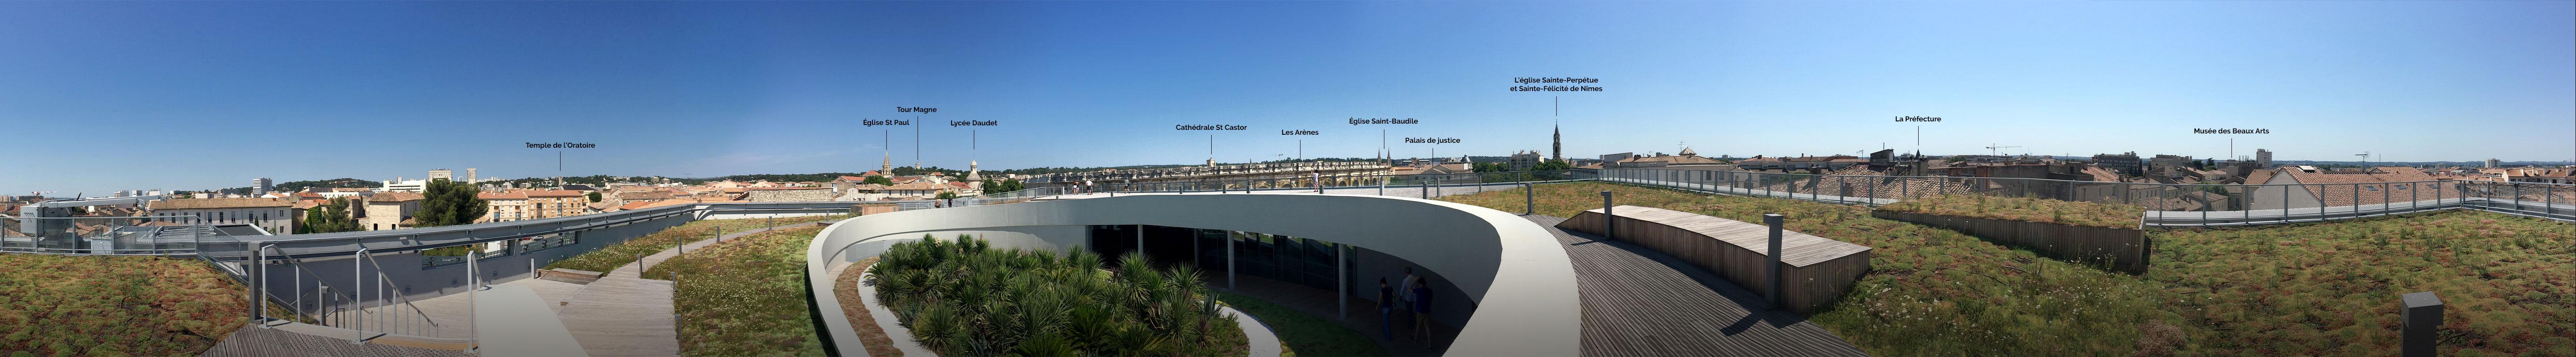 vue panoramique de Nîmes et ses environs depuis le toit terrasse du Musée de la Romanité